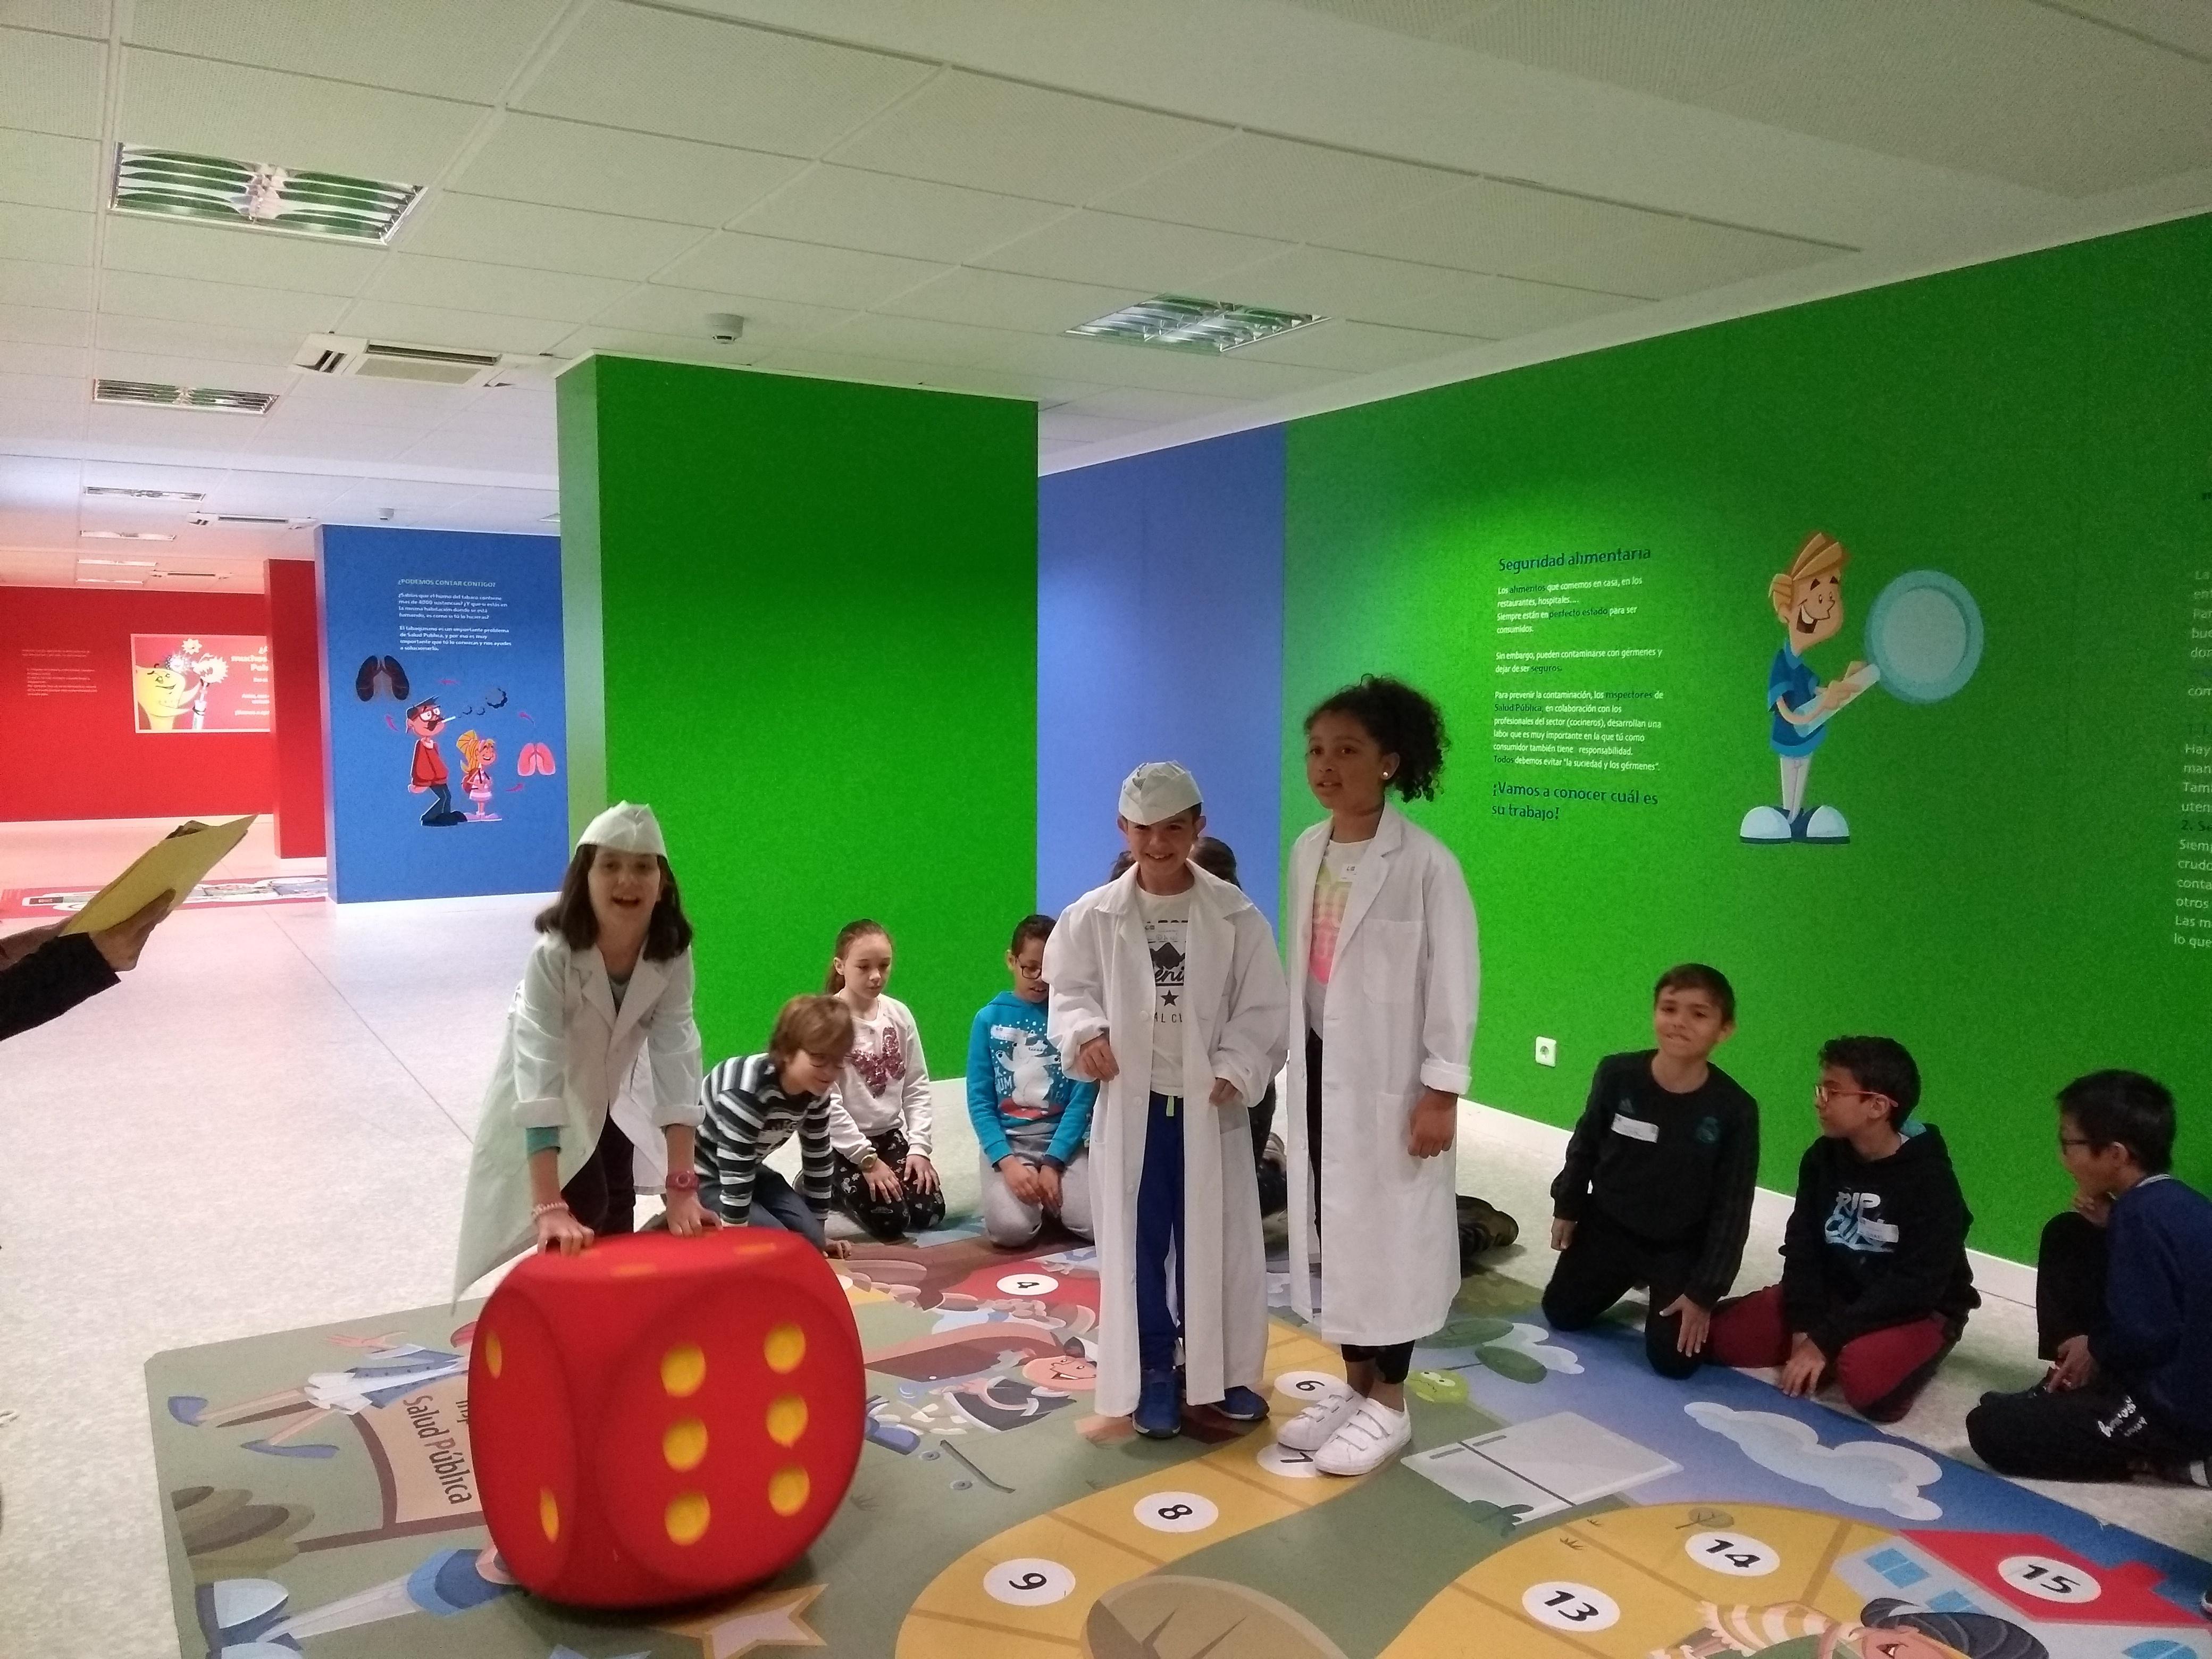 VISITA HOSPITAL PUERTA DE HIERRO. 4ºA 14